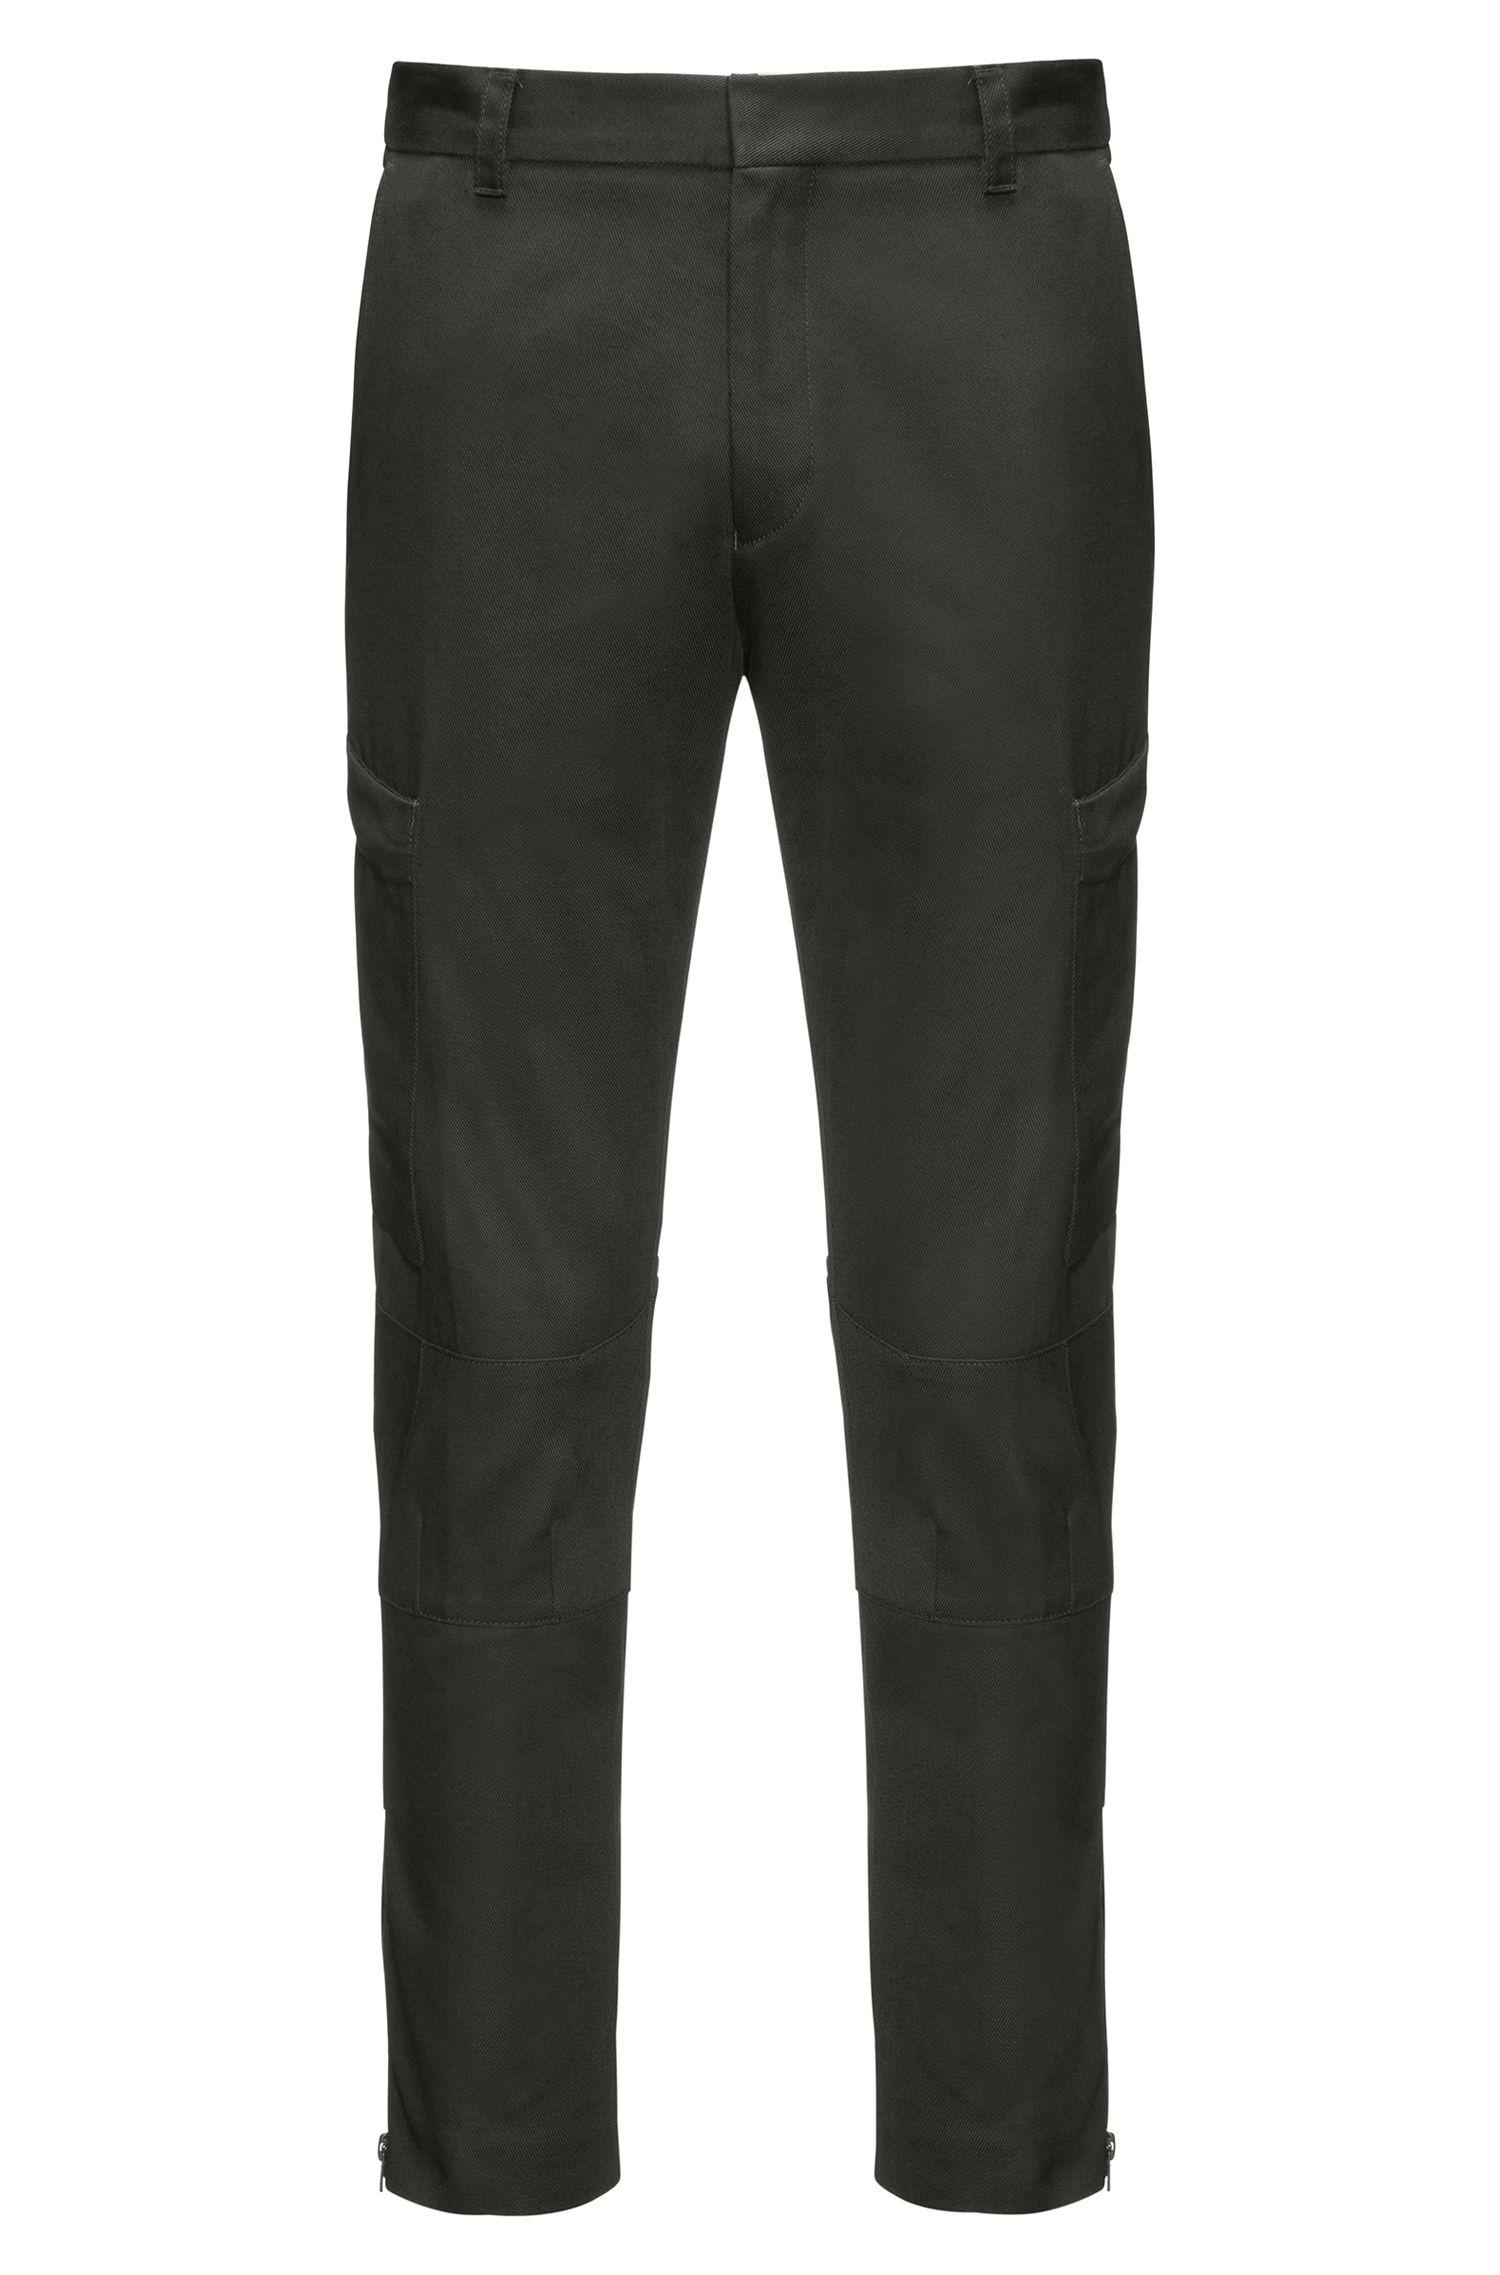 Pantalon cargo Slim Fit en twill de coton, zippé au bas des jambes